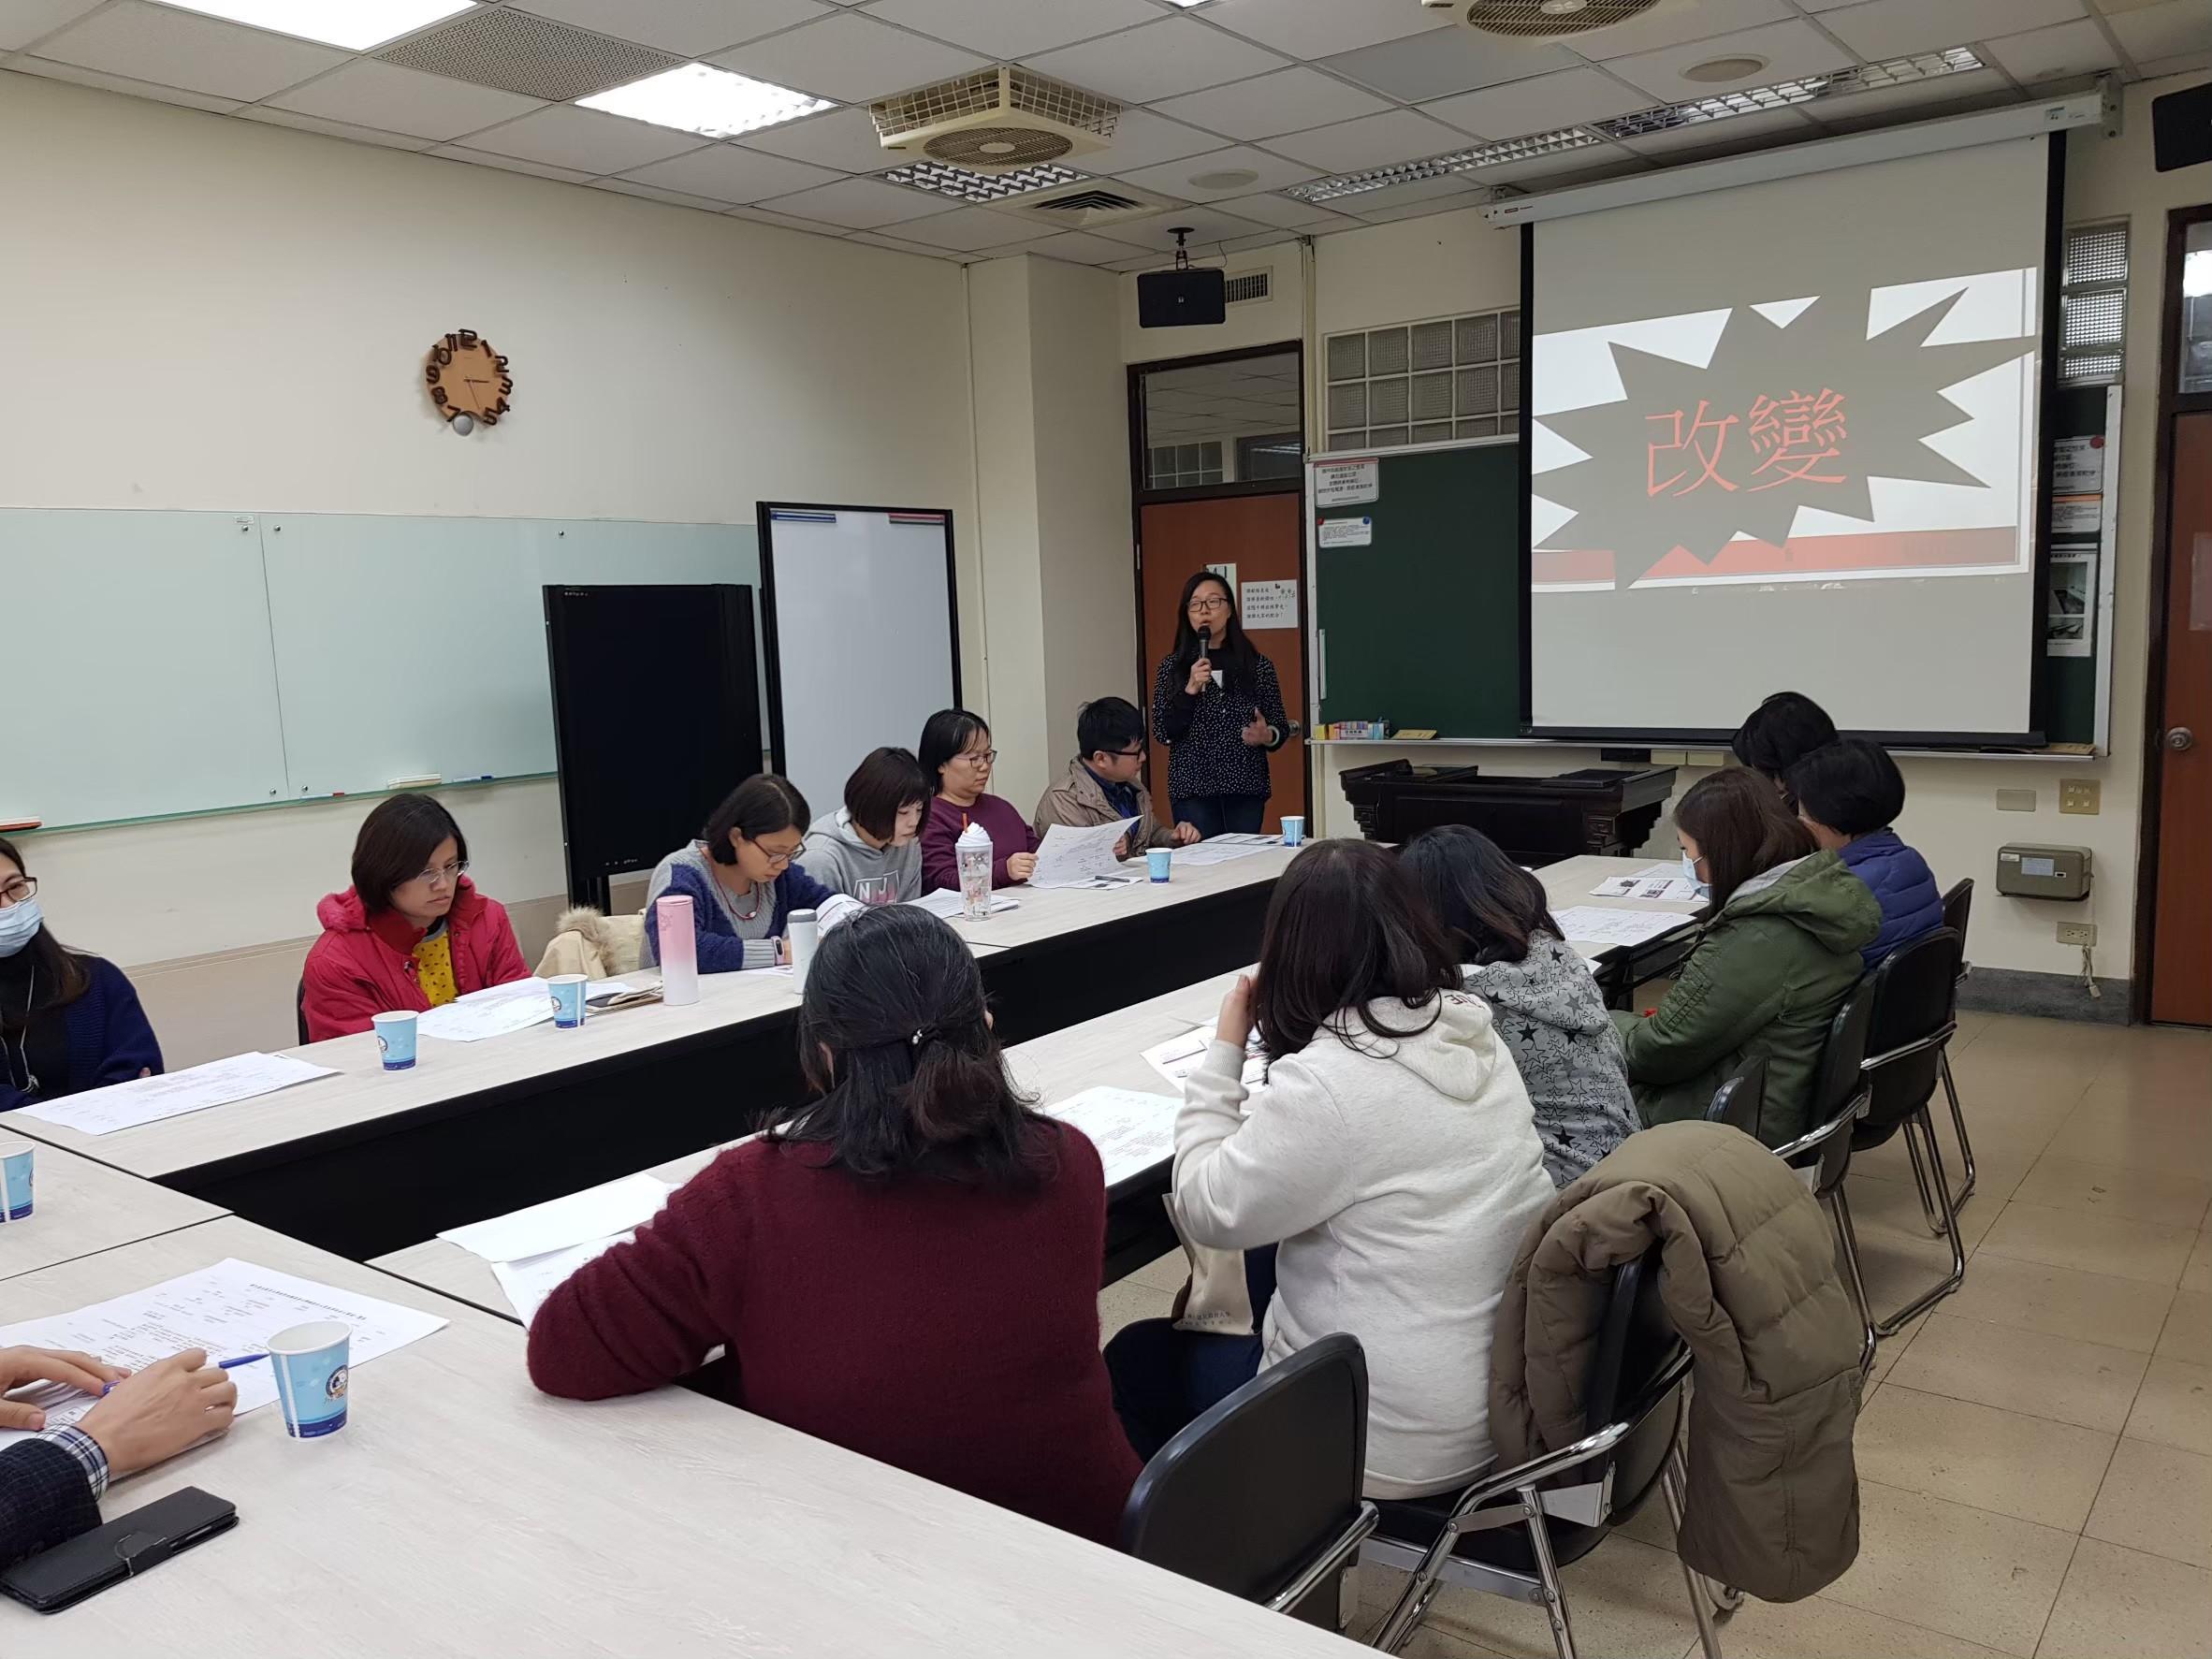 資源教室邀集校內用人單位召開外派學生說明會議,說明外派相關配套措施_大圖